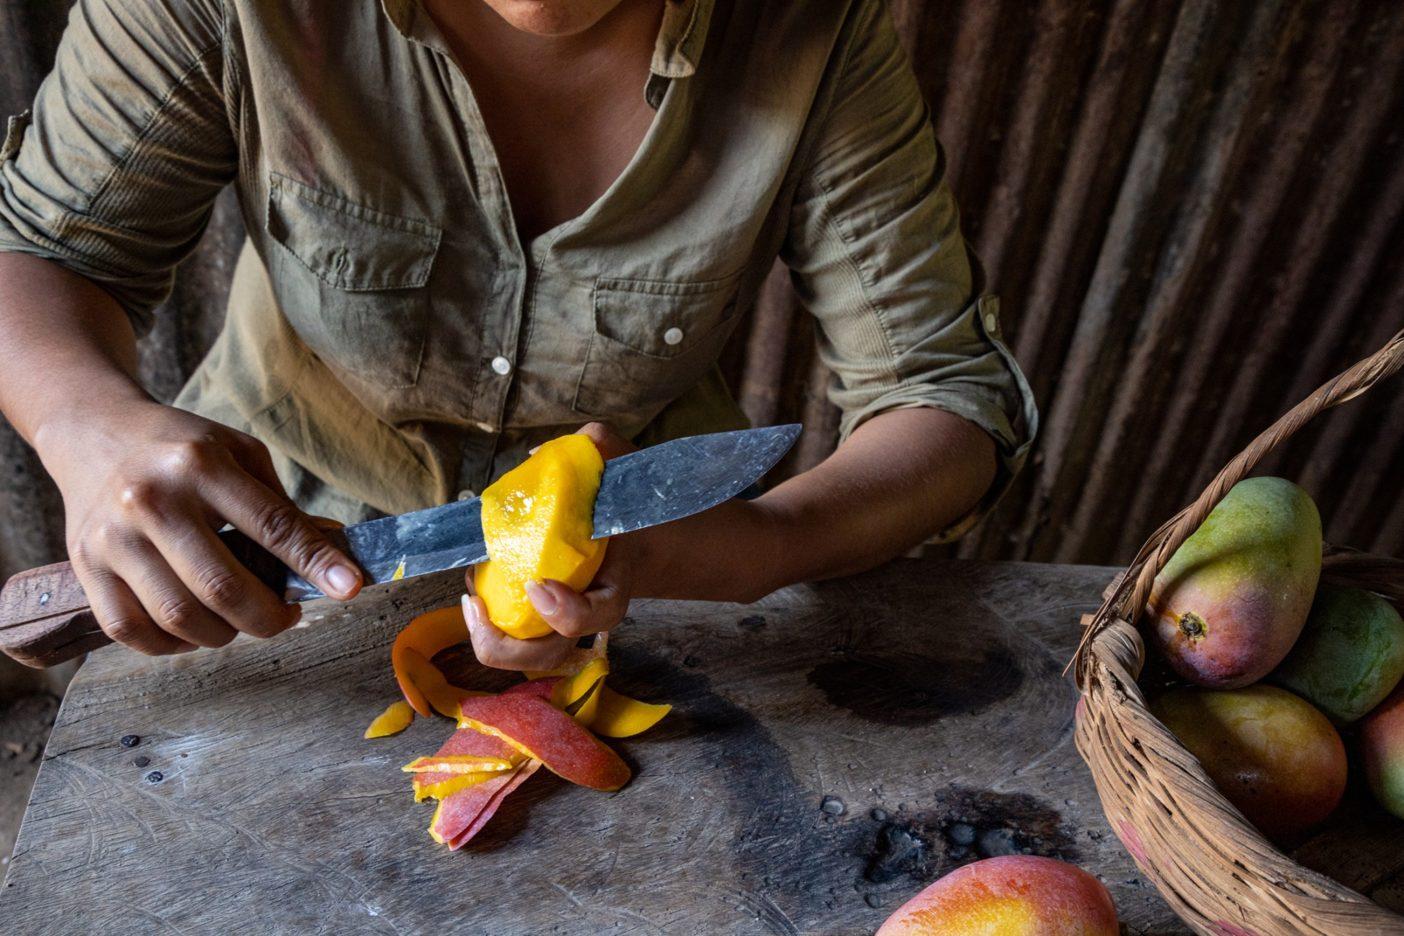 甘酸っぱさと微かな辛さを帯びたパタゴニアプロビジョンズのオーガニック・チリ・マンゴーの原料にするため、手のひら大のジューシーな「ローザ」というマンゴーの皮をむく農家の3代目。 Photo:Amy Kumler